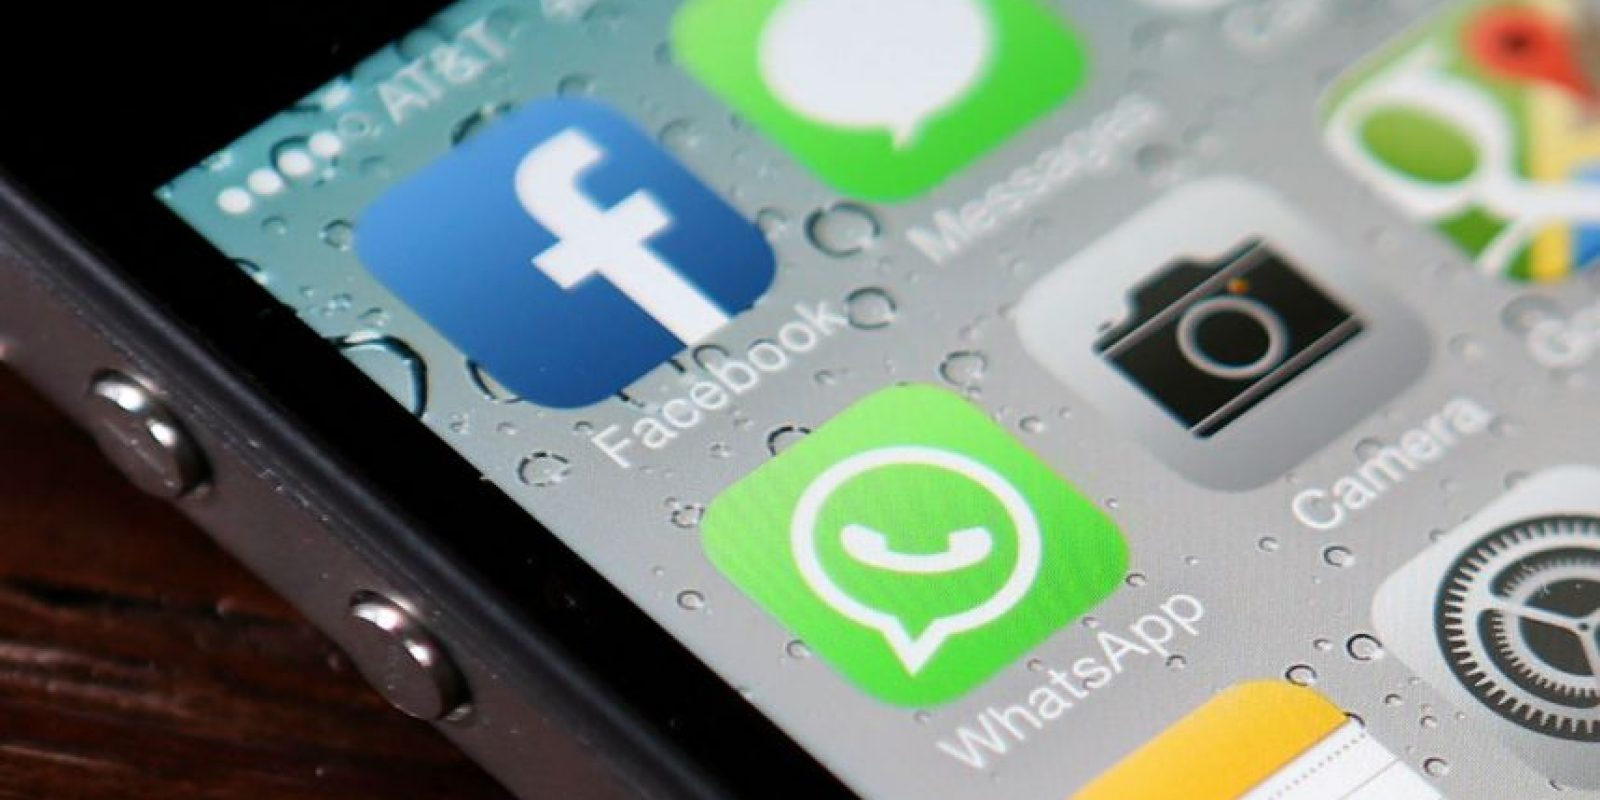 También eviten actualizar su estado de redes sociales mientras manejan. Foto:Getty Images